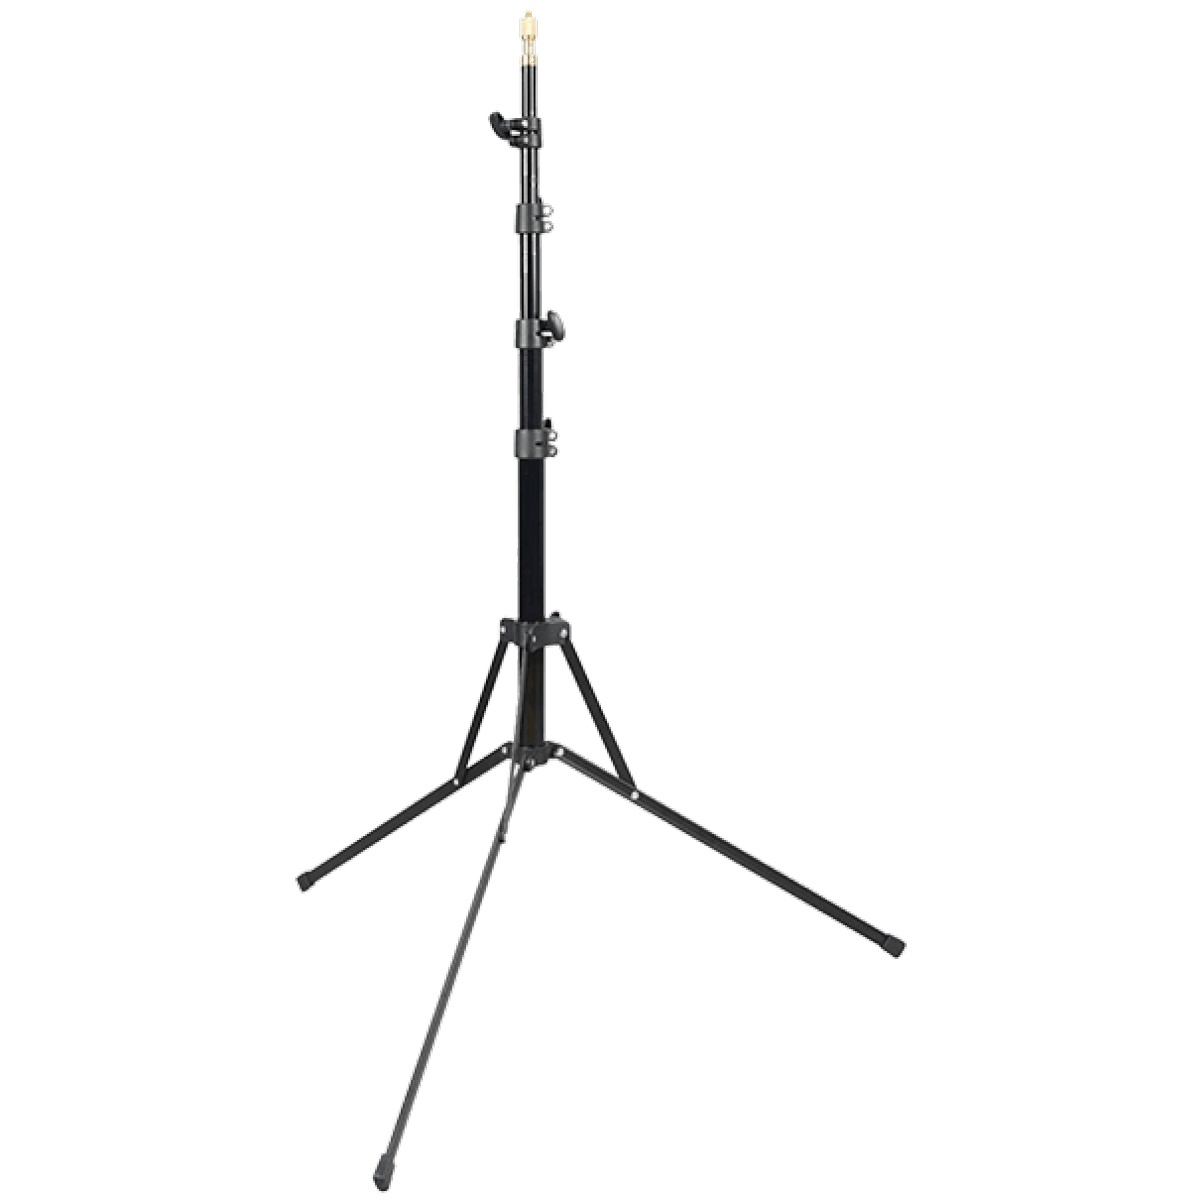 Godox Leuchtenstativ S30 213B